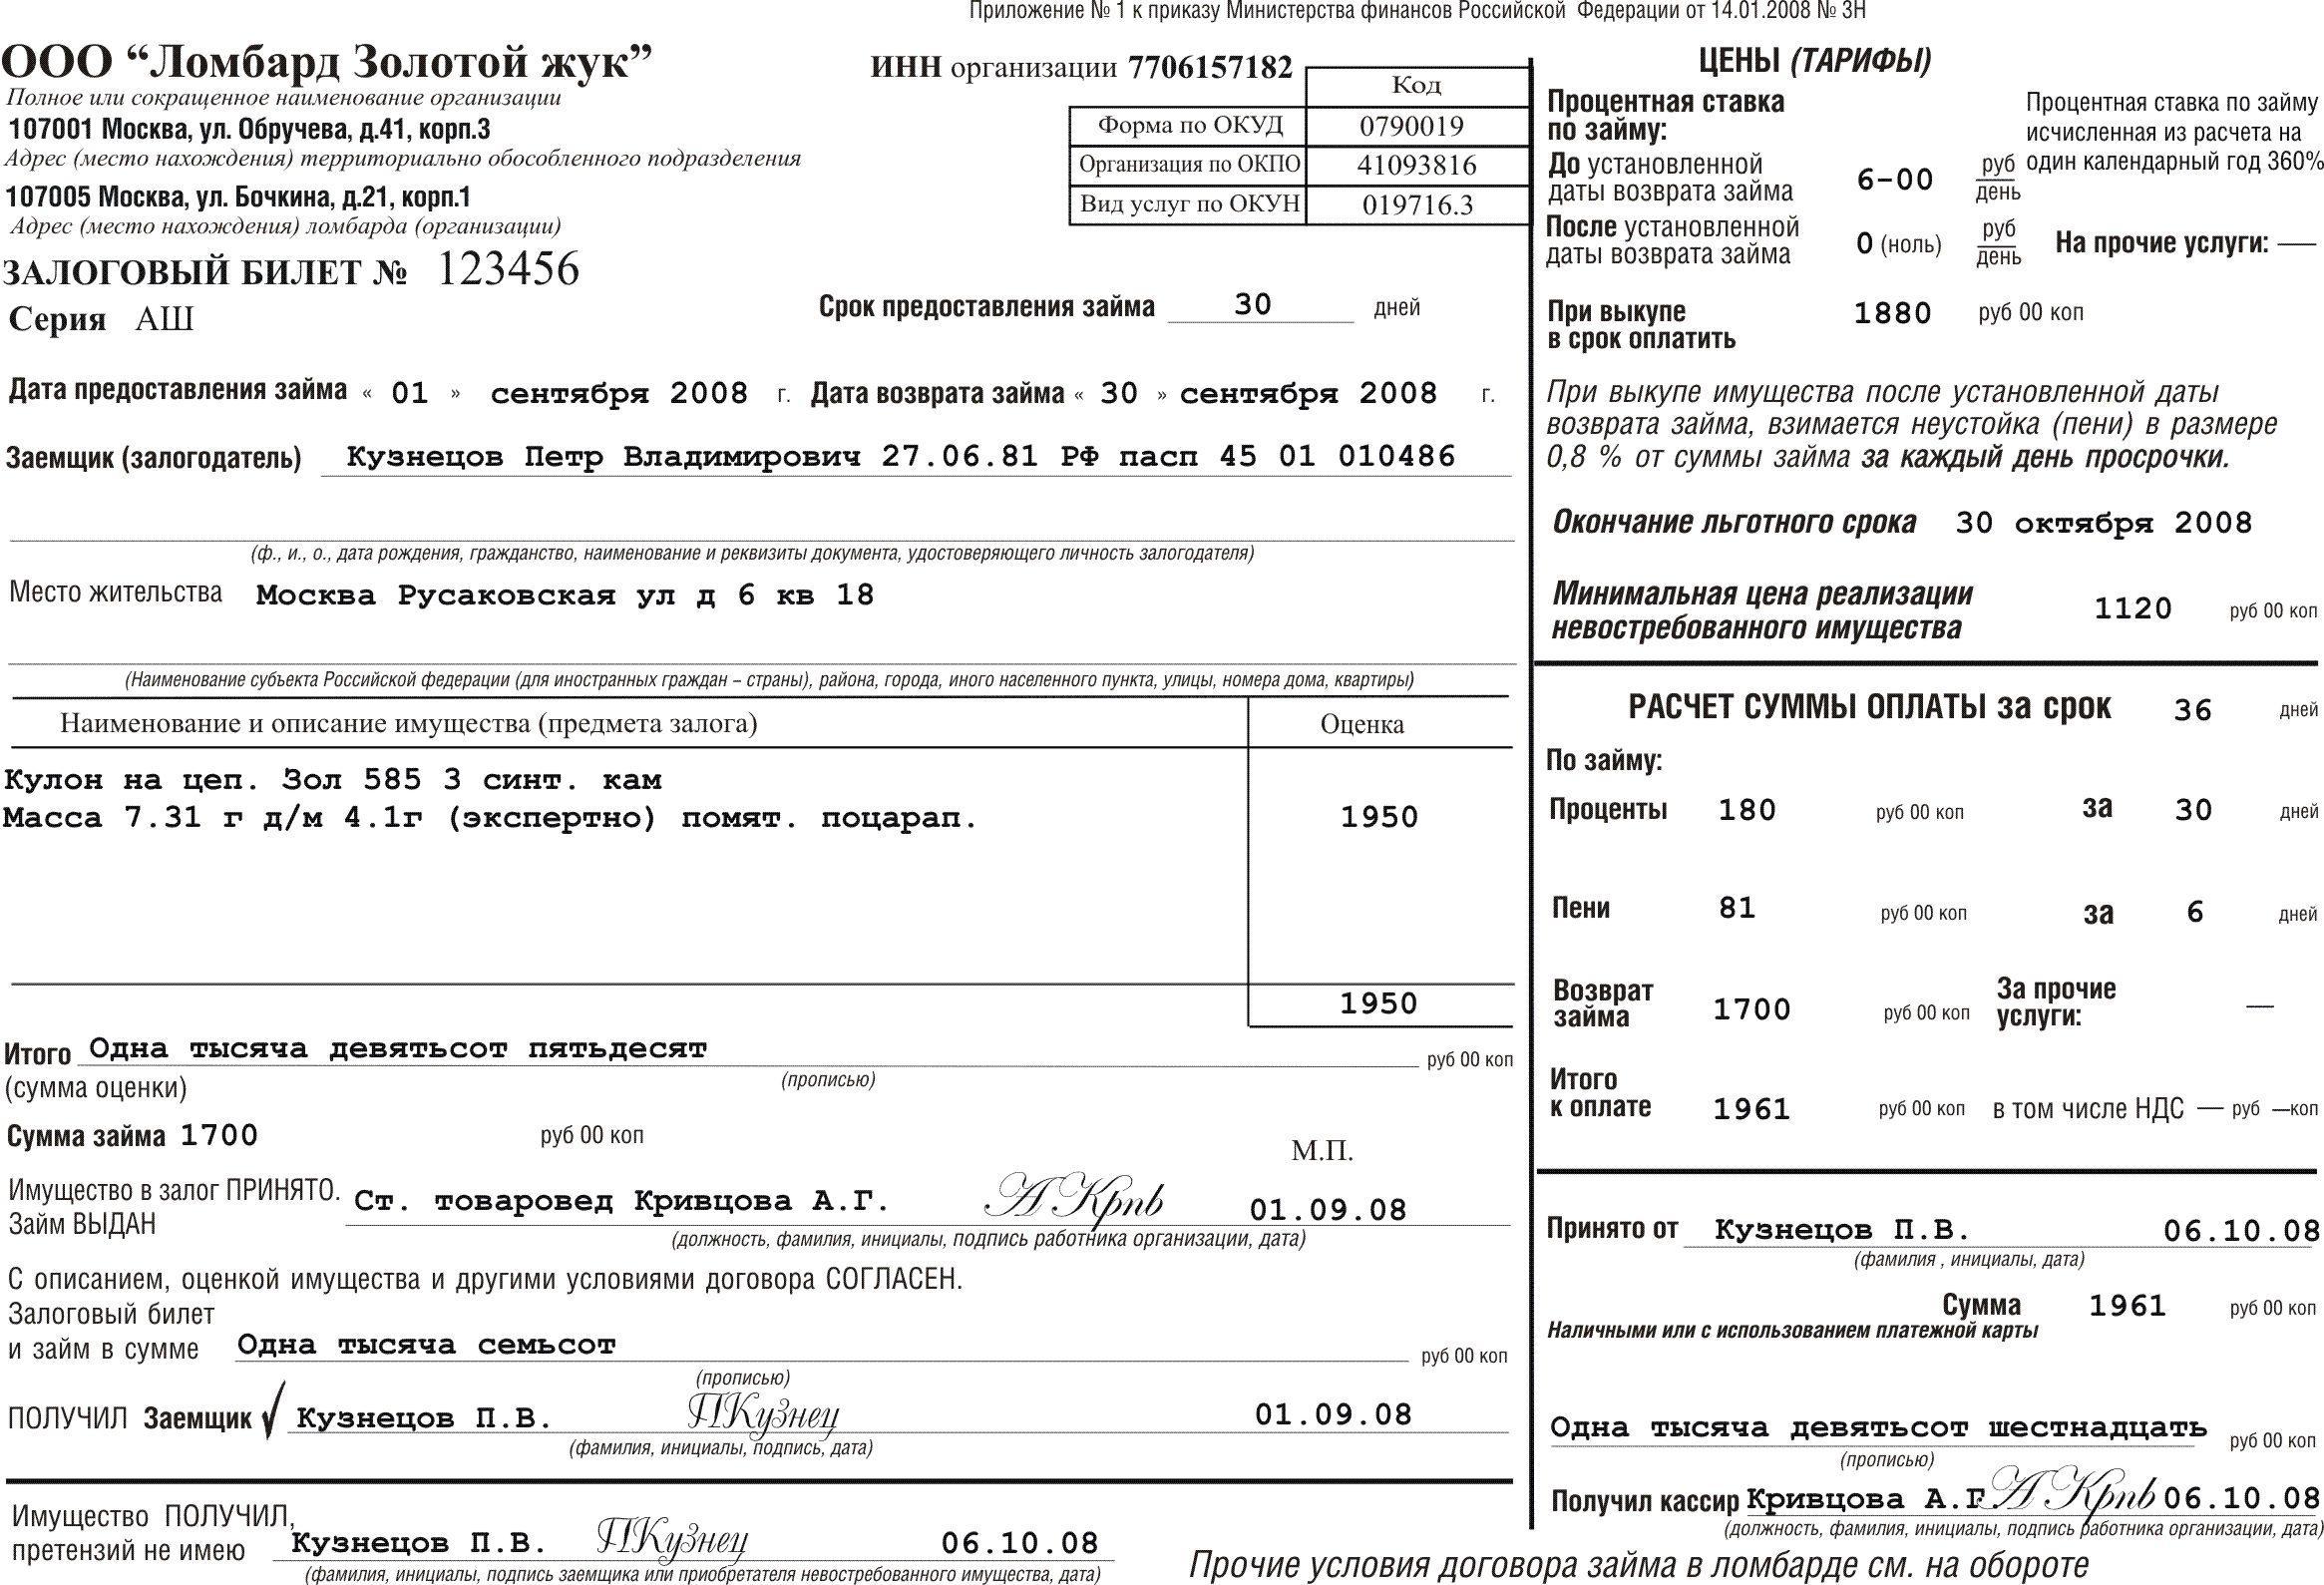 Заявление р13001 новая форма скачать бесплатно - 0